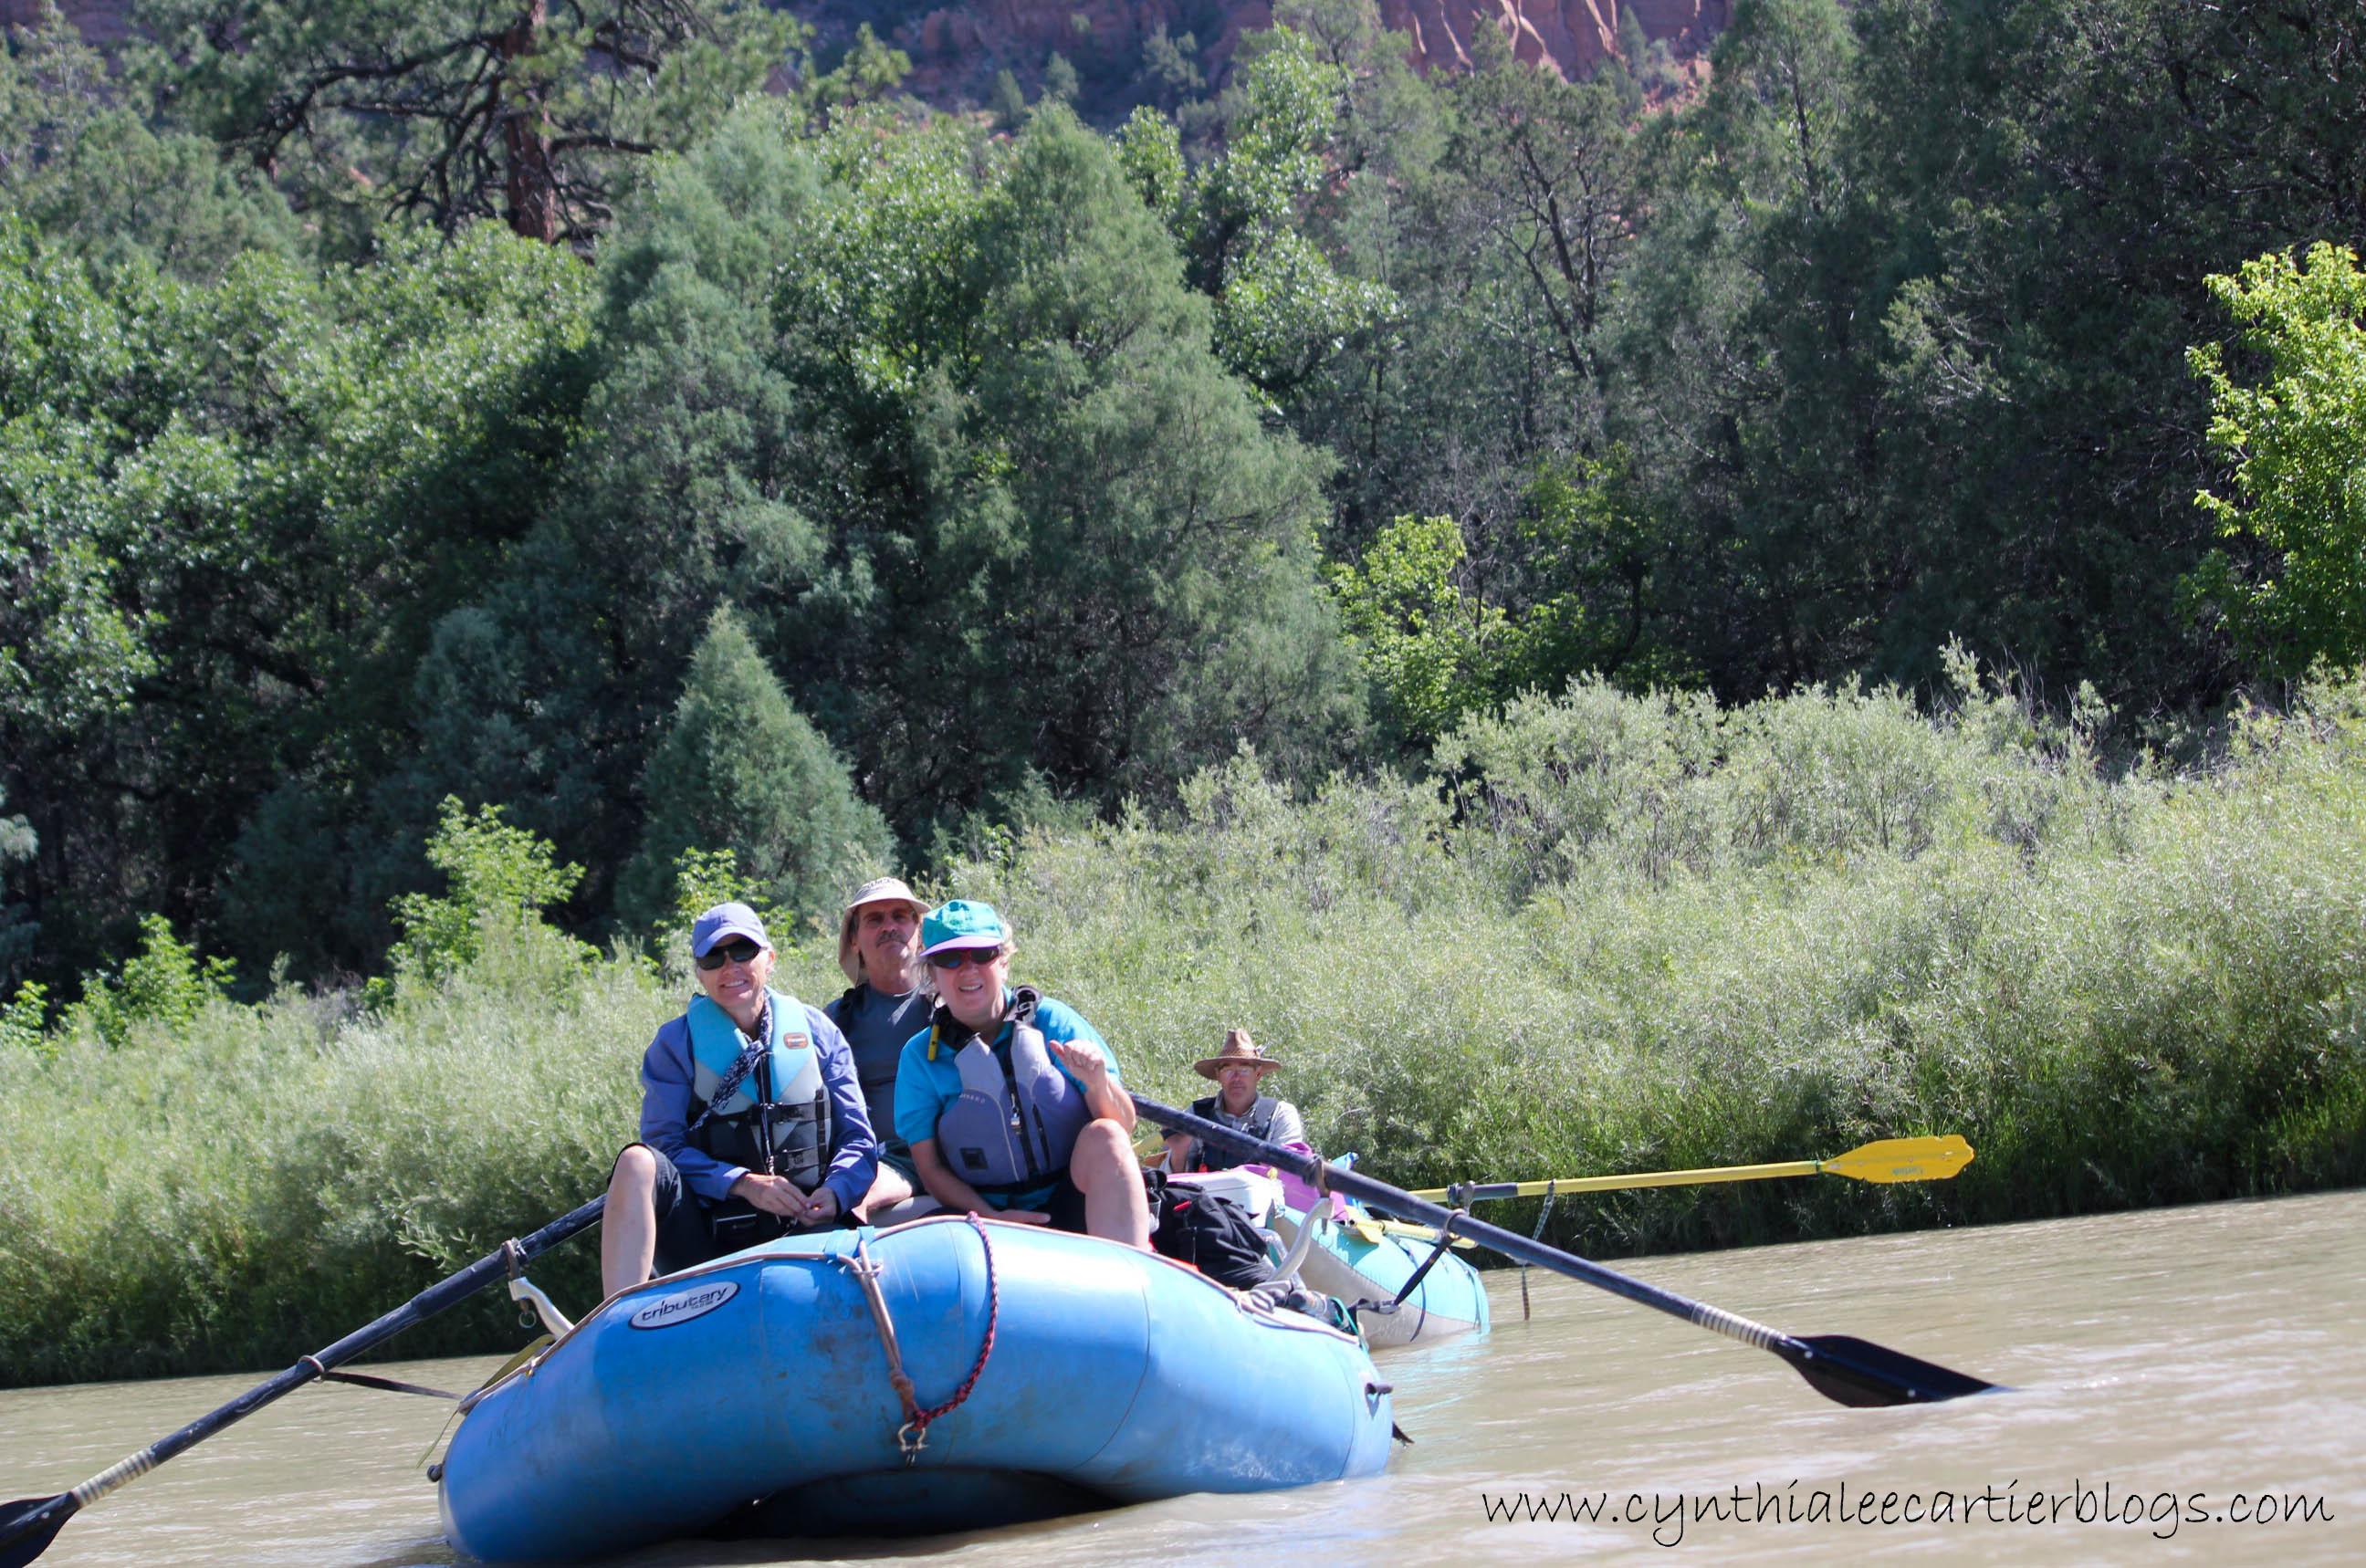 Bucket List River Trip - Dan's Crew Front View